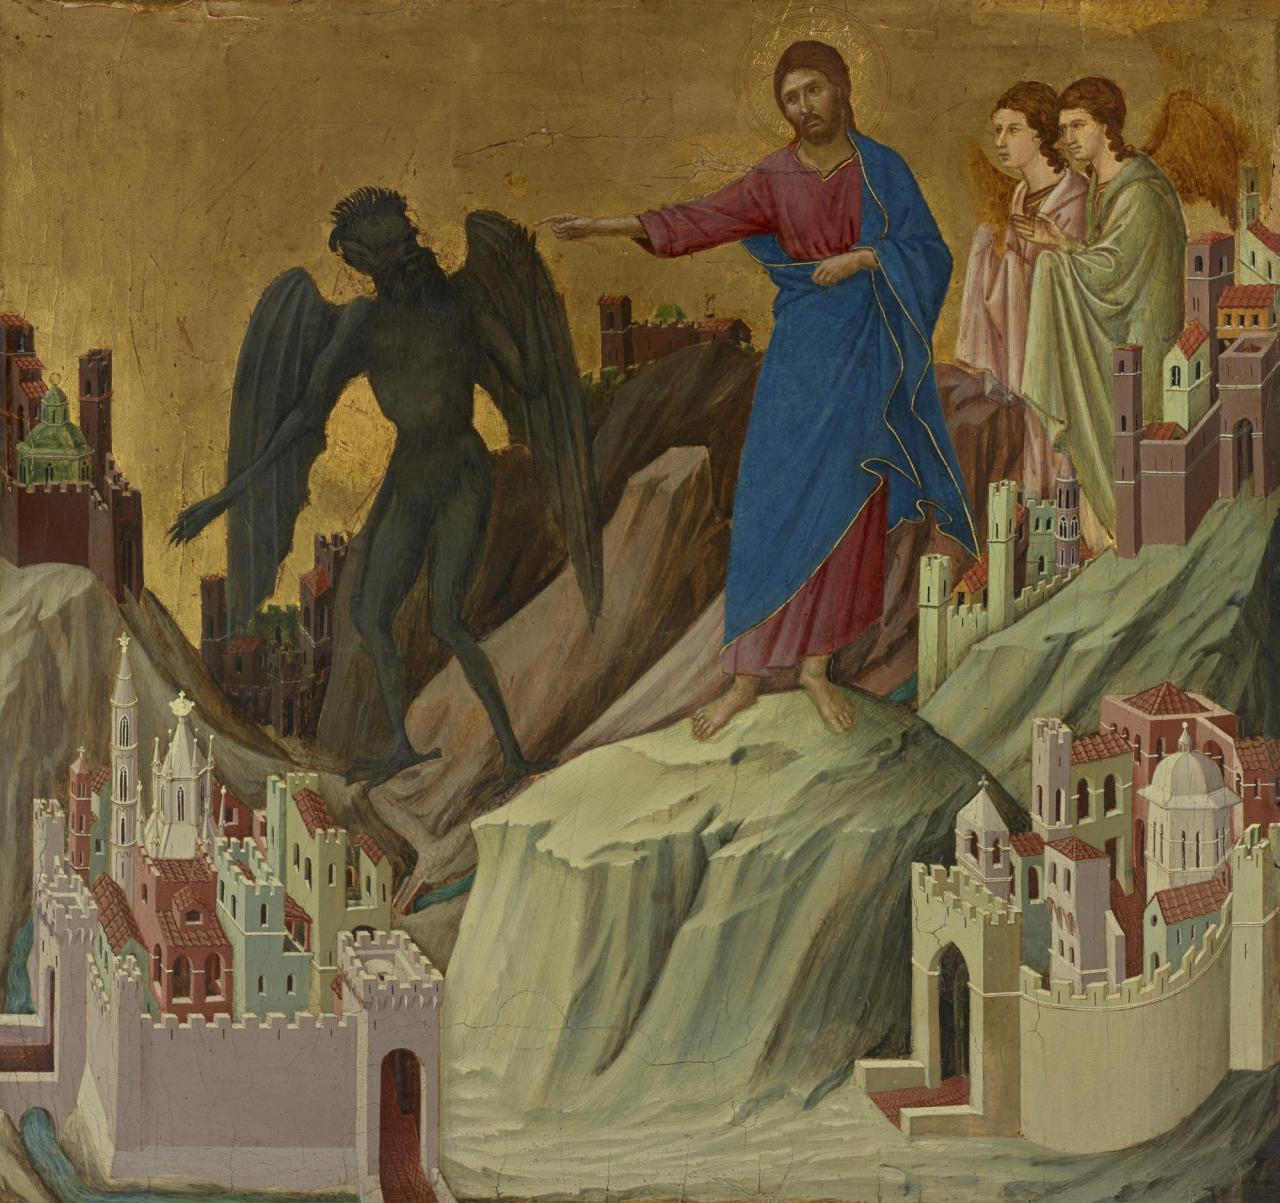 Ducciodi Buoninsegna, The Temptation of Christon the Mountain , 1308–11